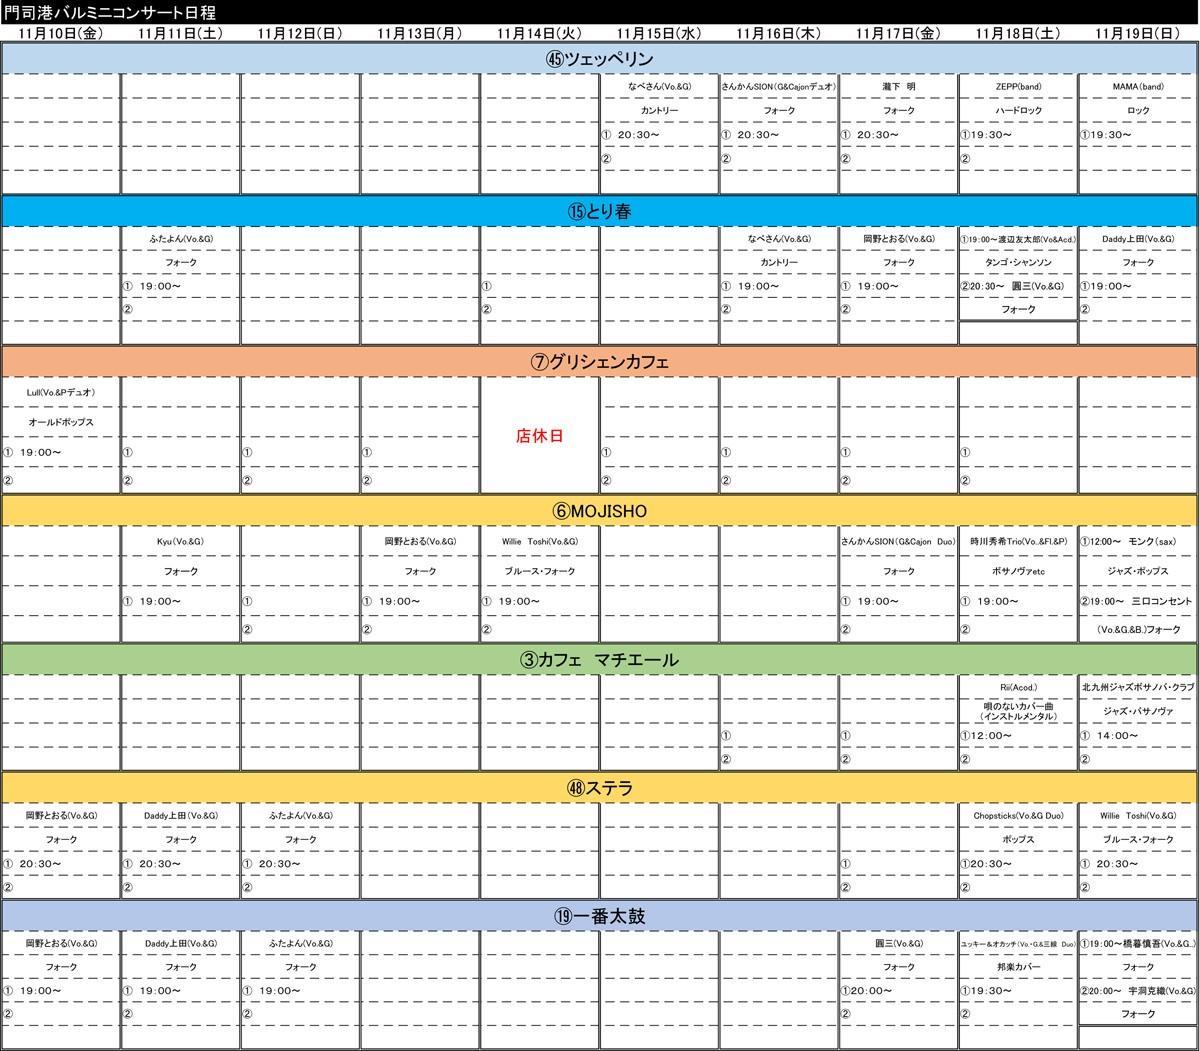 門司港流バル2017ミニコンサートスケジュール